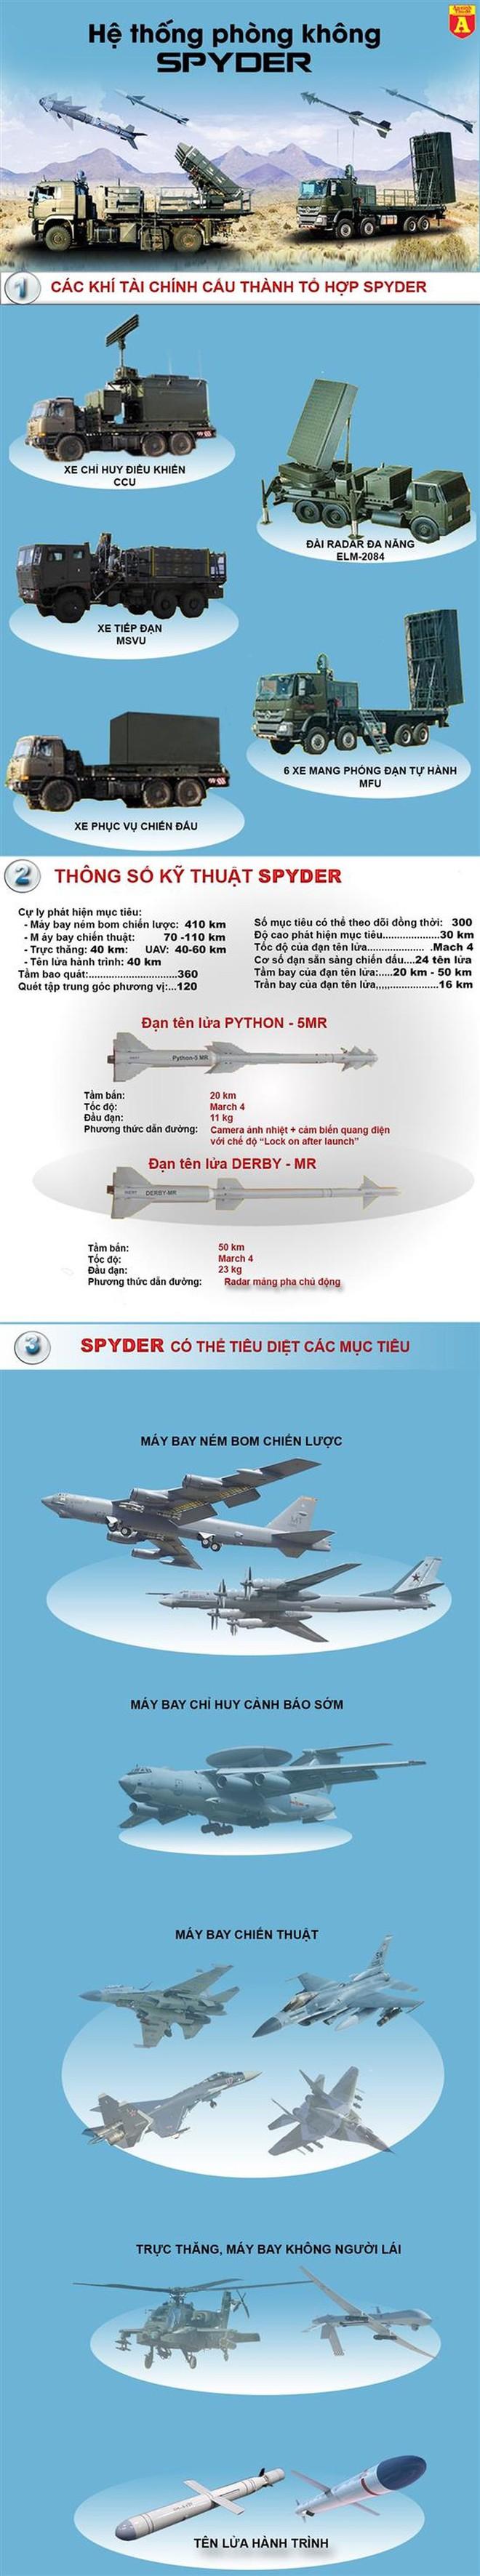 Sát thủ SPYDER của Israel vừa được Ấn Độ sử dụng bắn cháy máy bay Pakistan - Ảnh 1.